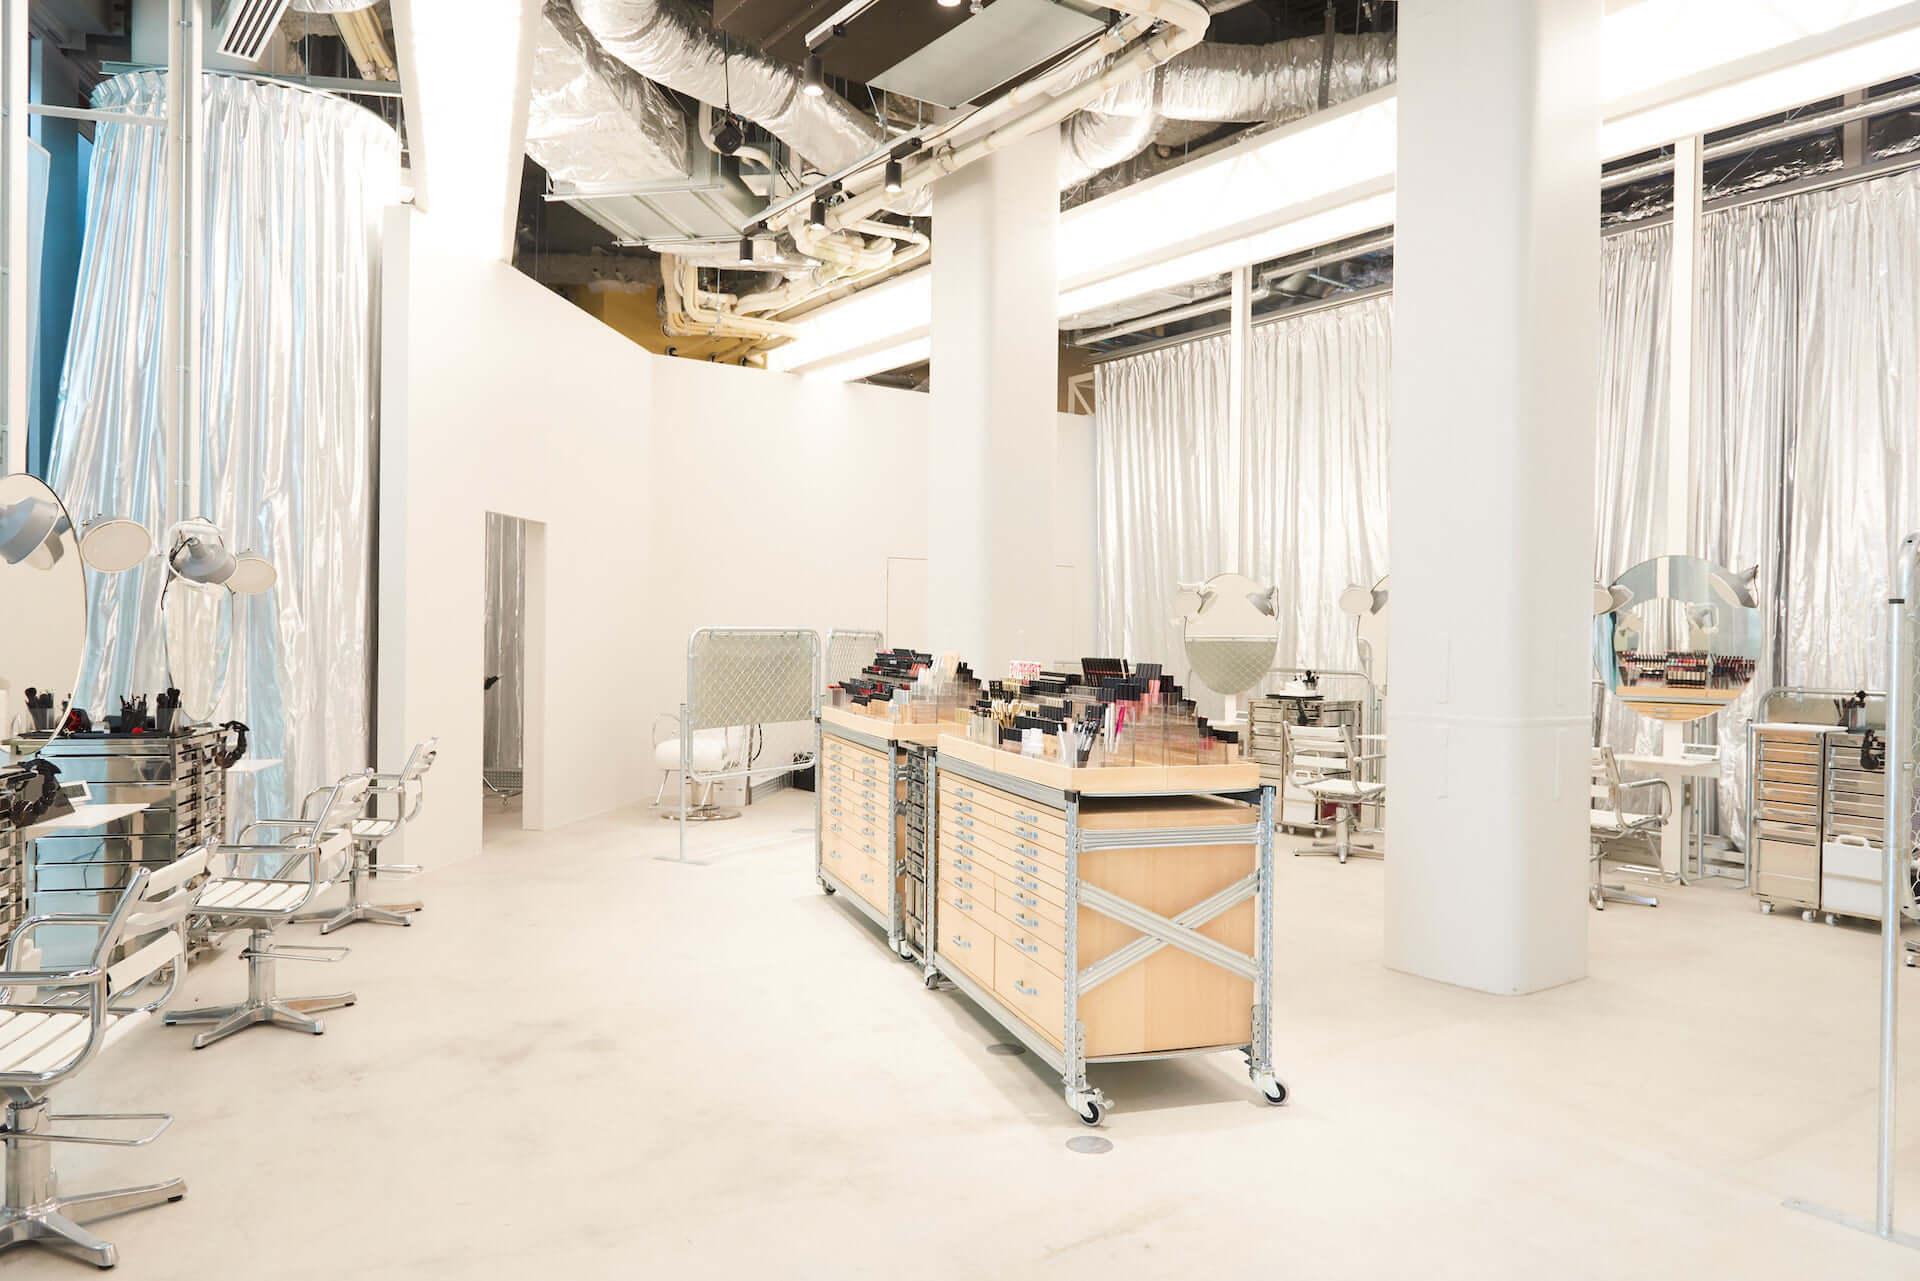 きゃりーぱみゅぱみゅがアンバサダーを務める資生堂・Beauty SquareがWITH HARAJUKUにオープン プロによるヘメイクやデジタルアバターコンテンツが体験できる! a11984d1f764c4d7943f12dbb8392f90-1920x1281